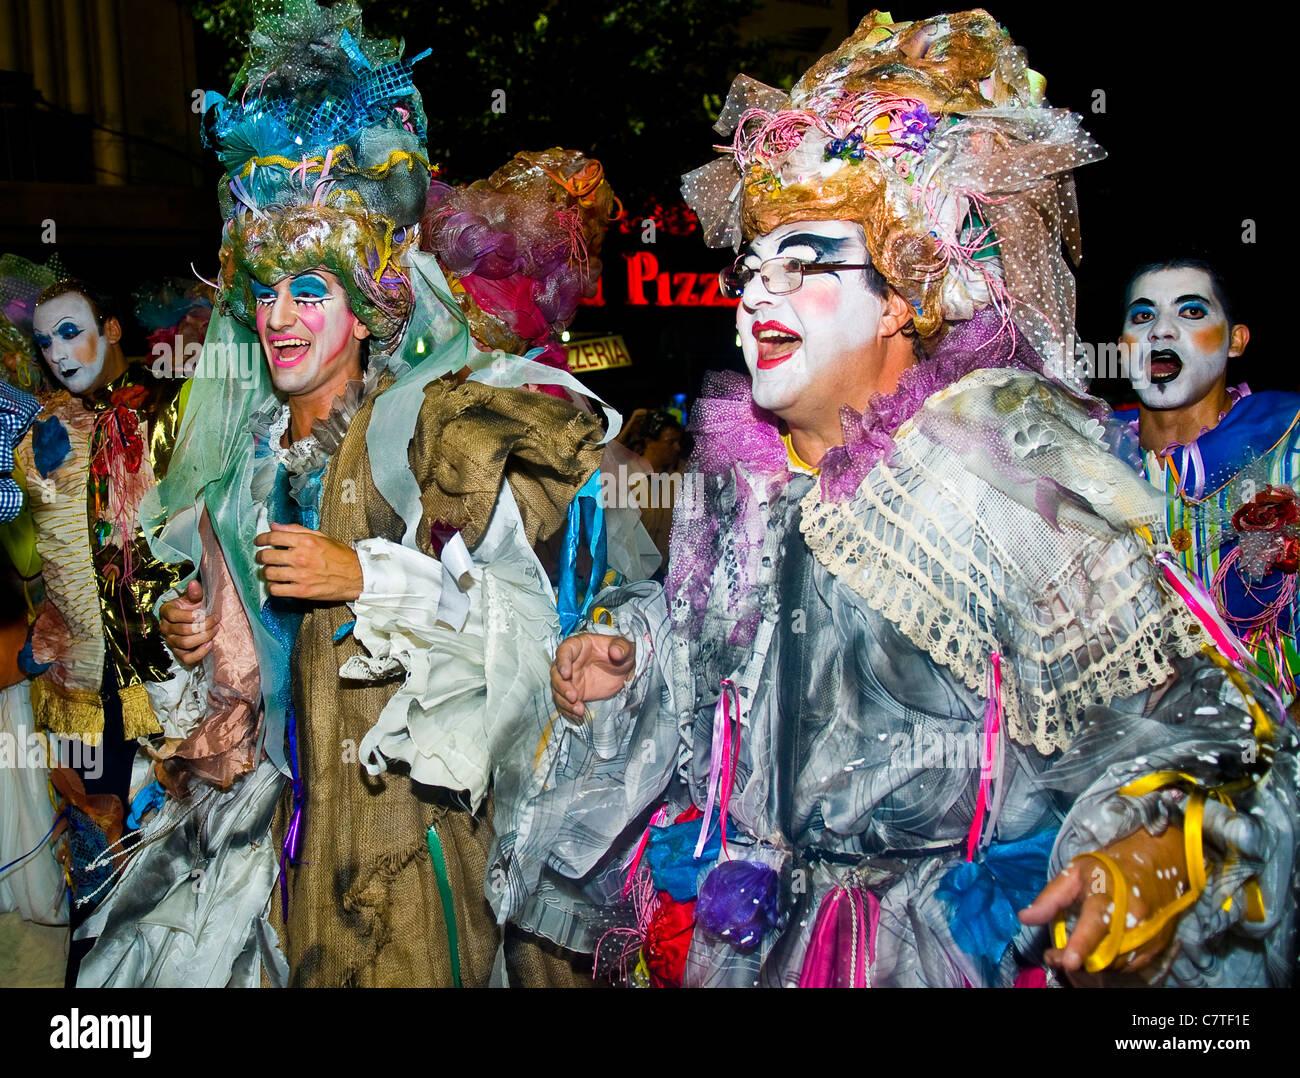 Les participants au carnaval costumé festival national annuel de l'Uruguay, qui s'est tenue à Photo Stock